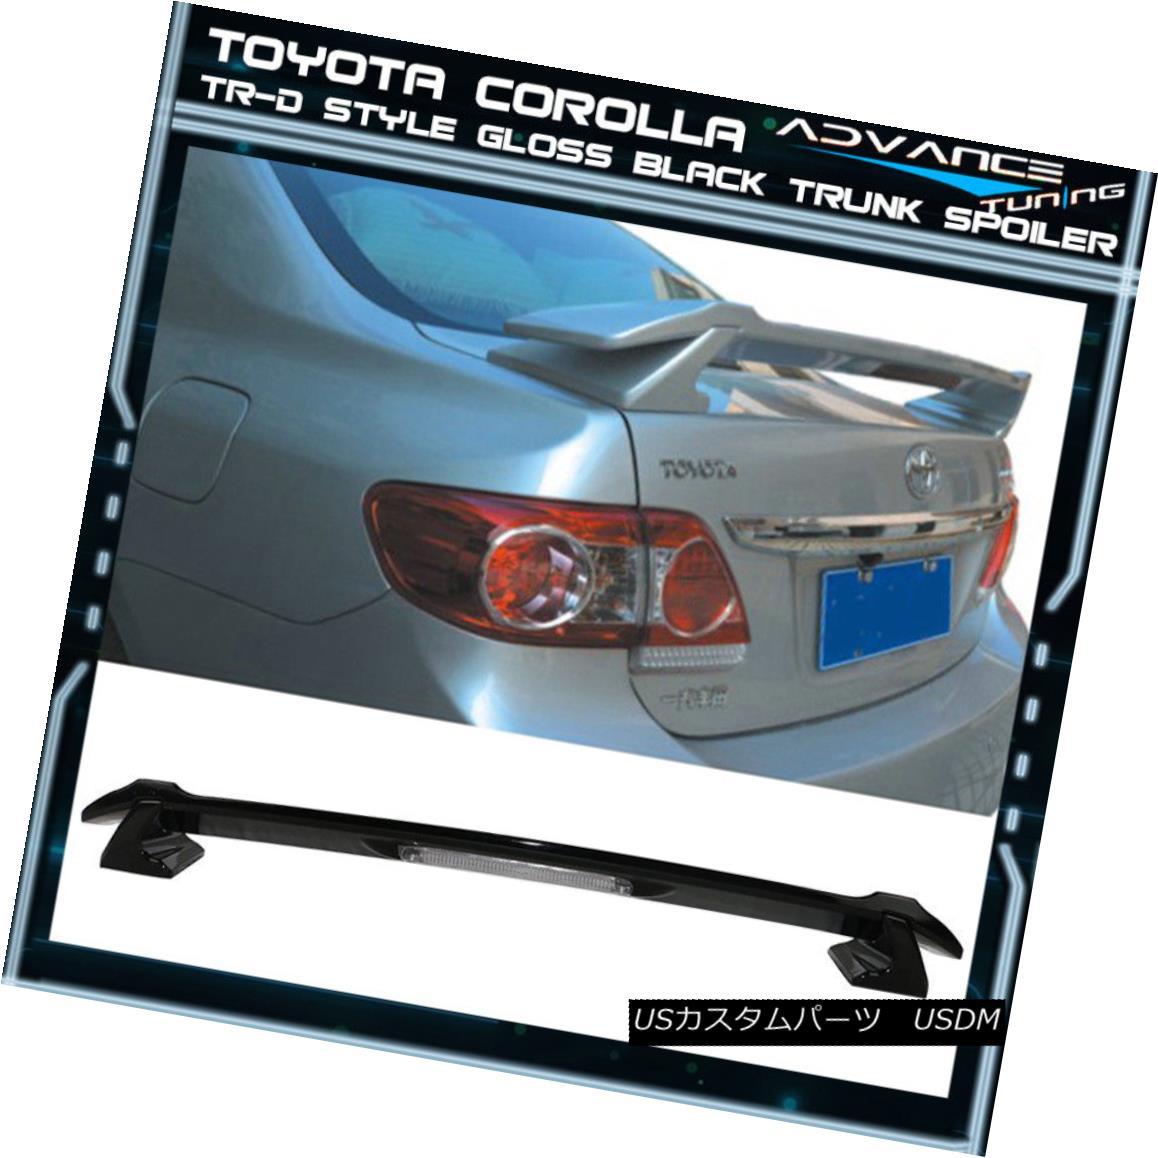 エアロパーツ 09-13 Toyota Corolla TR-D Sportive Trunk Glossy Black Spoiler - ABS 09-13トヨタカローラTR-Dスポーティブトランクグロッシーブラックスポイラー - ABS